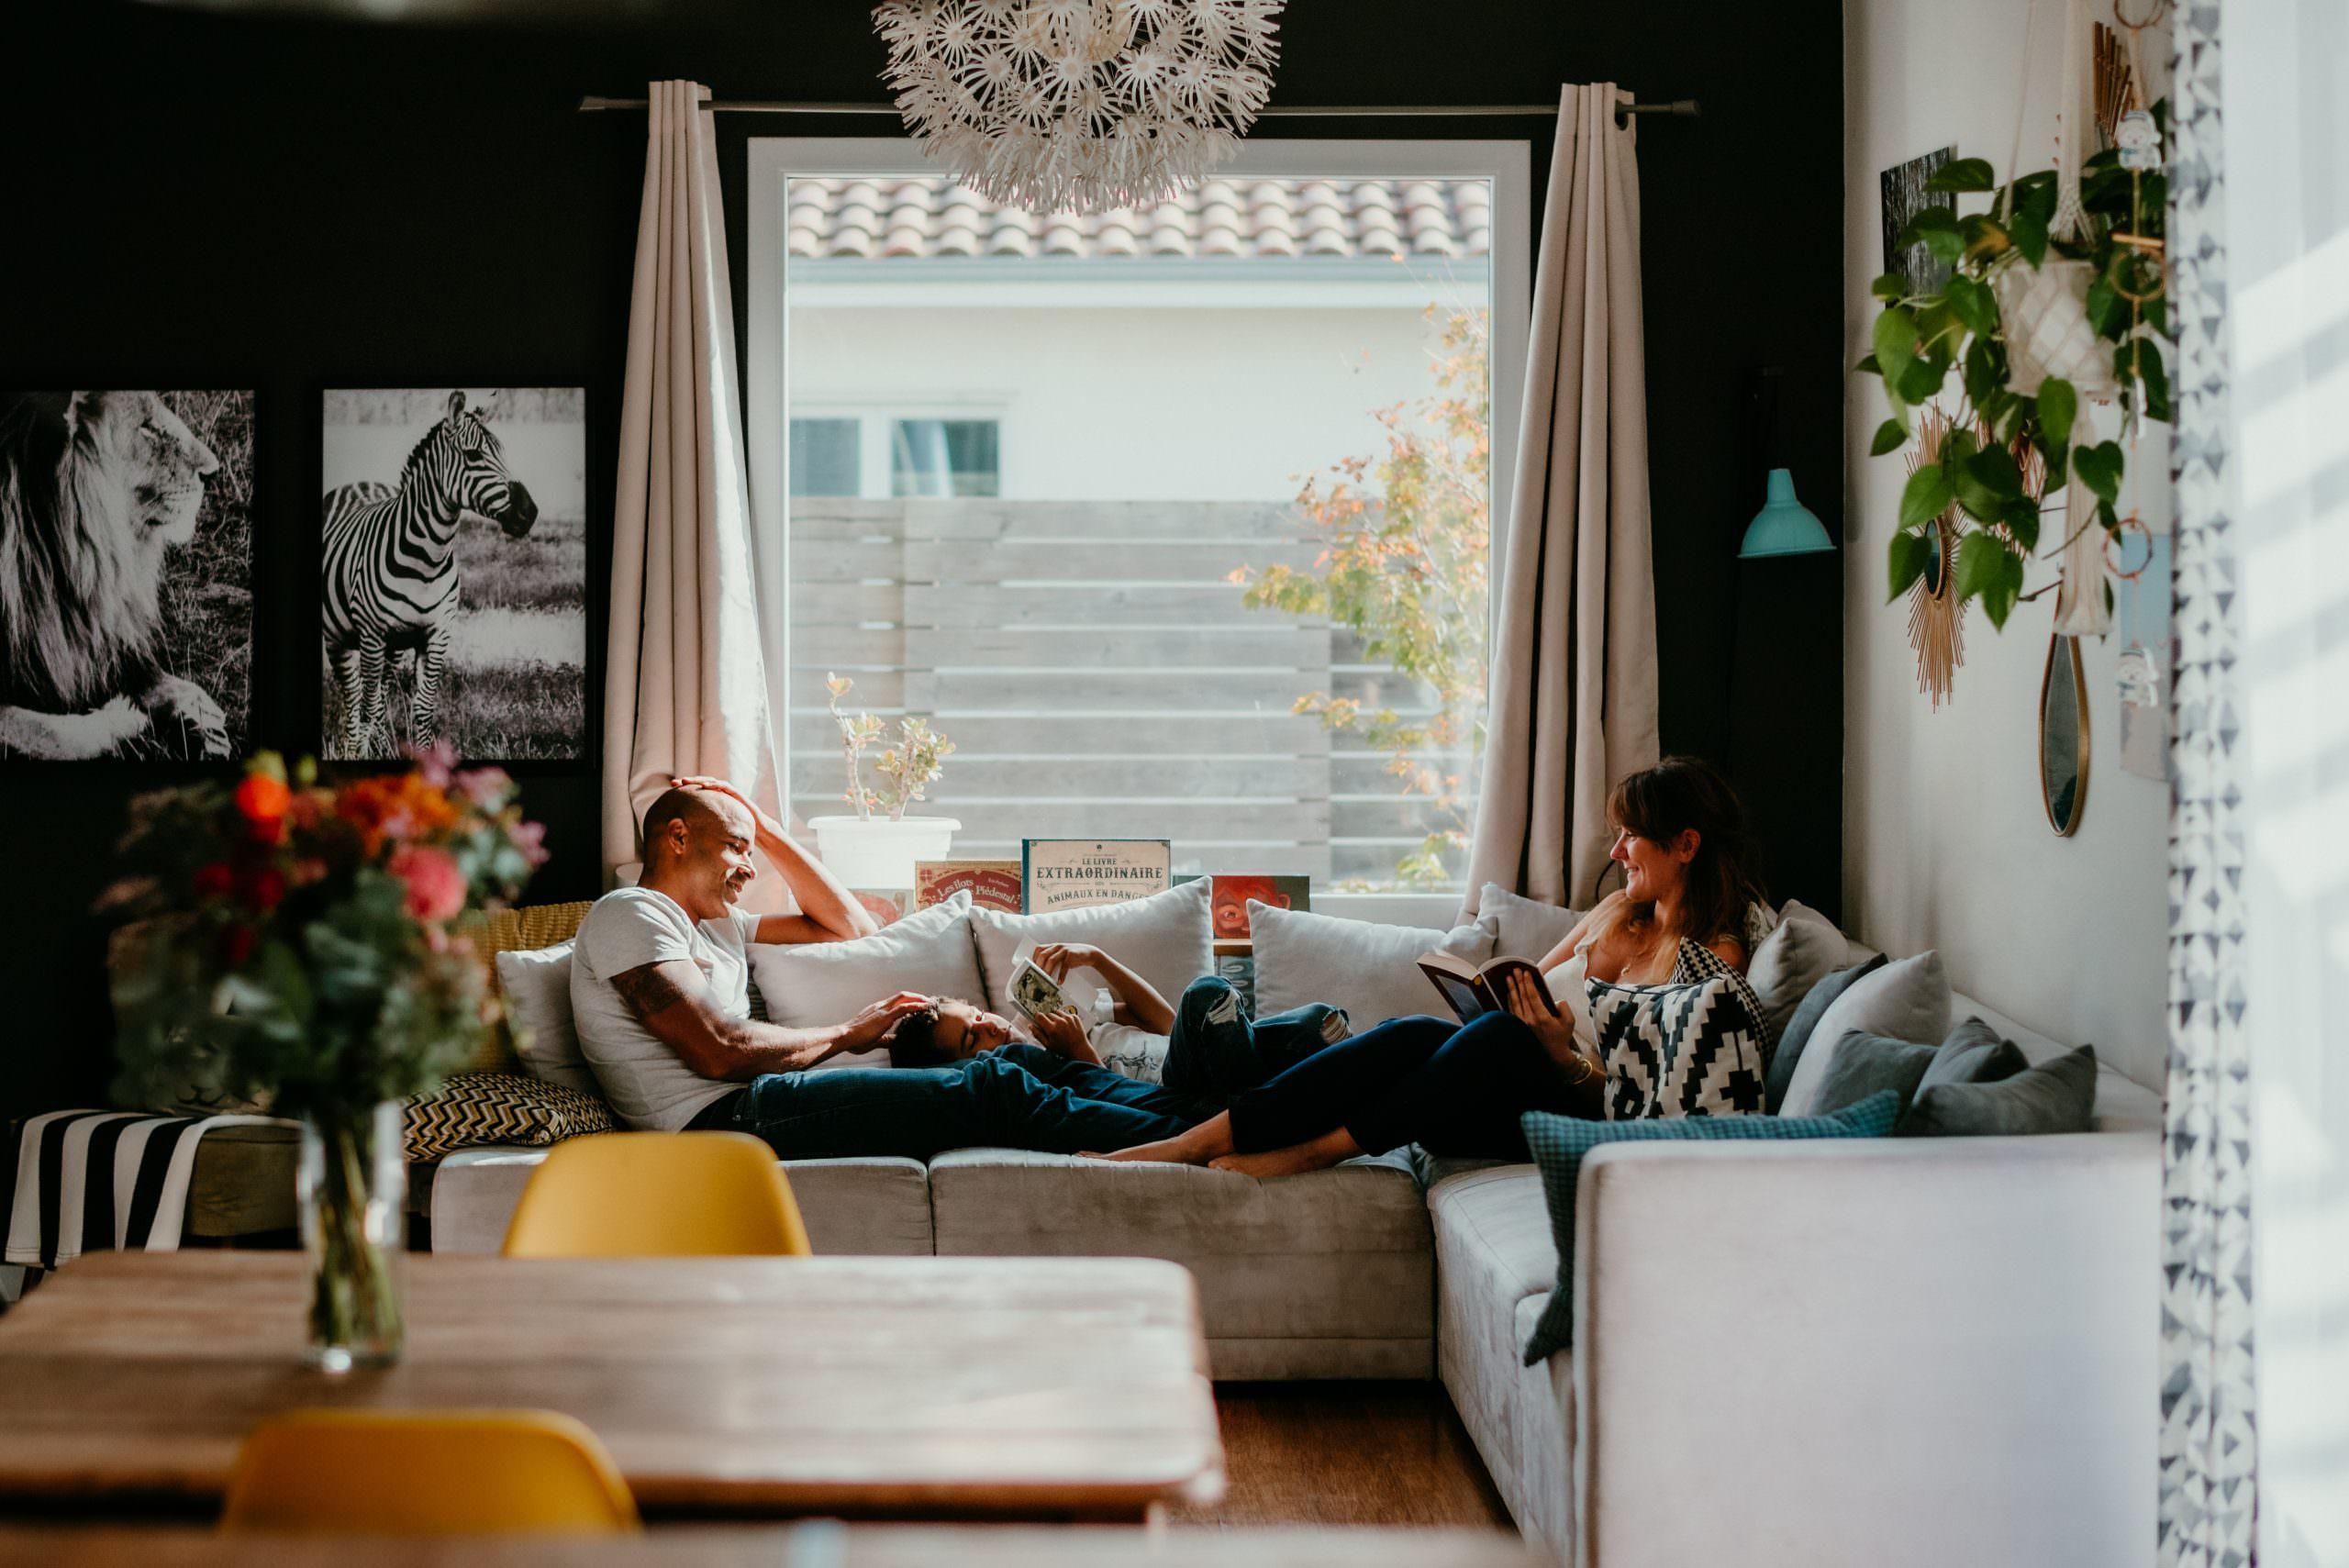 portrait de famille confortablement installe sur son canape dans leur salon